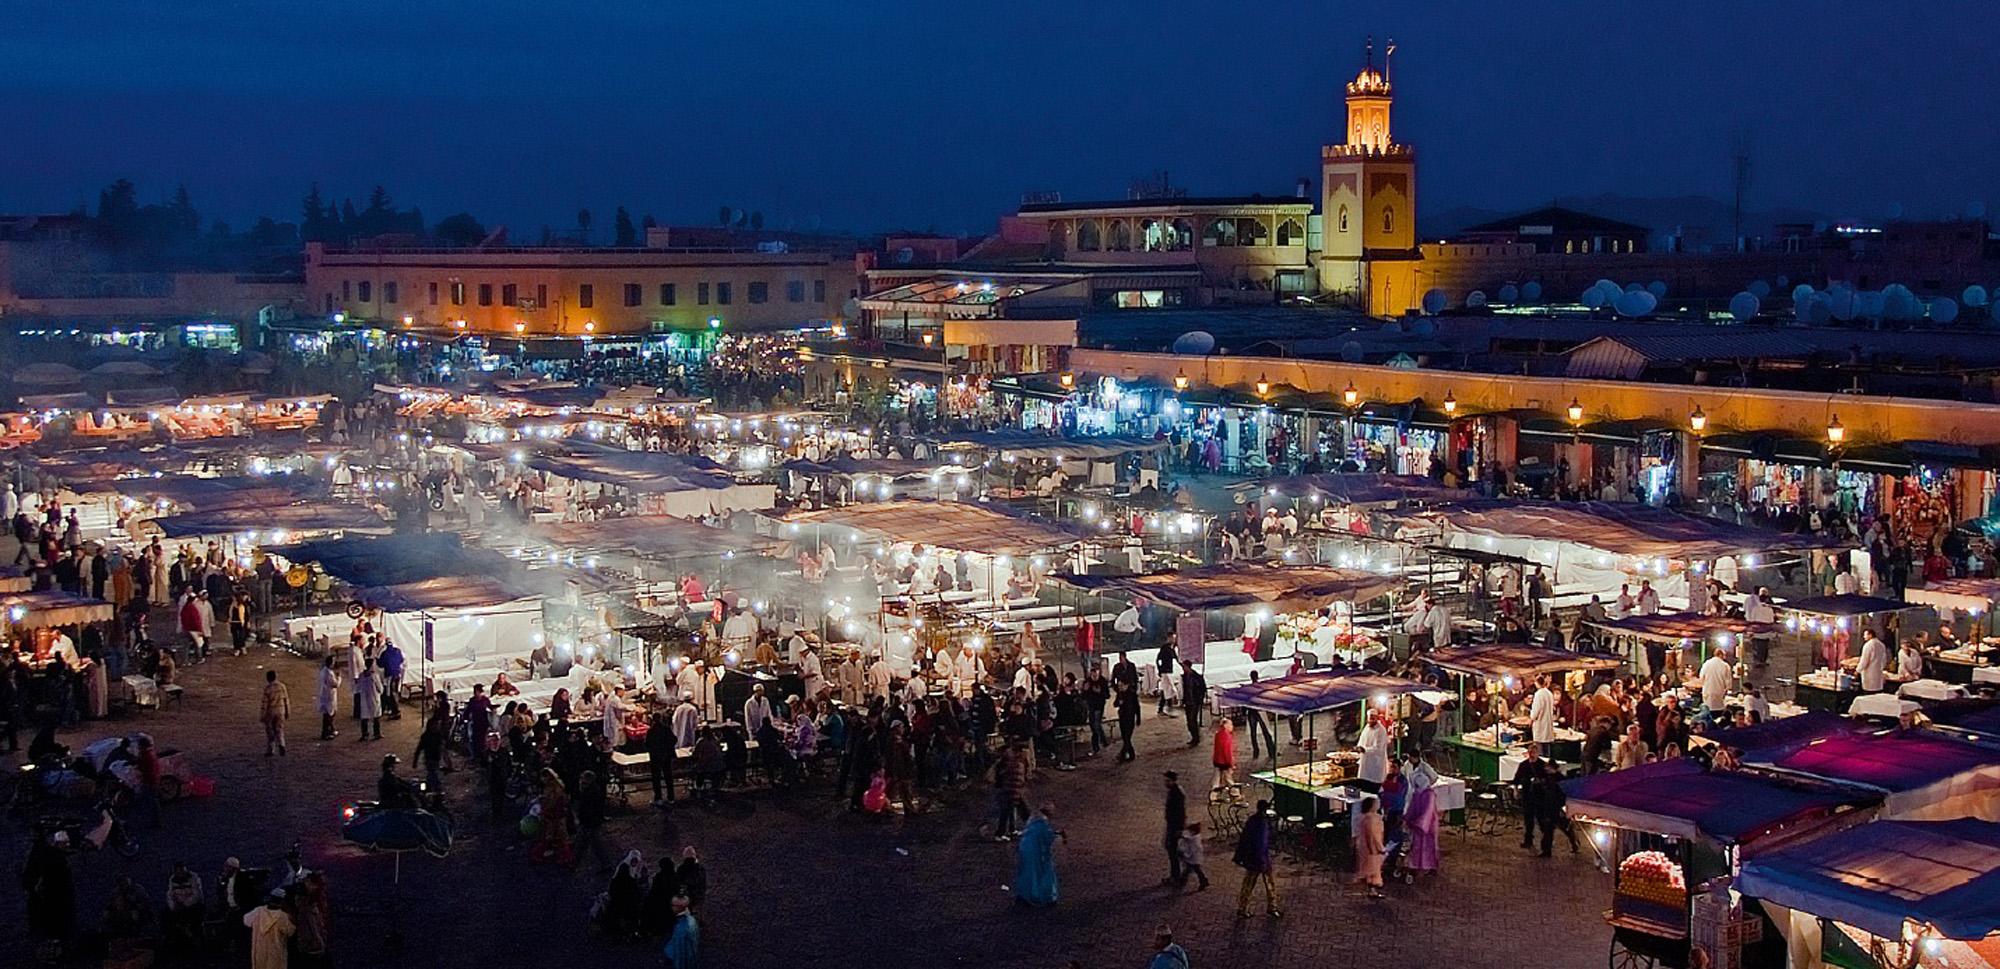 MARRAKECH NIGHT-Marruecos